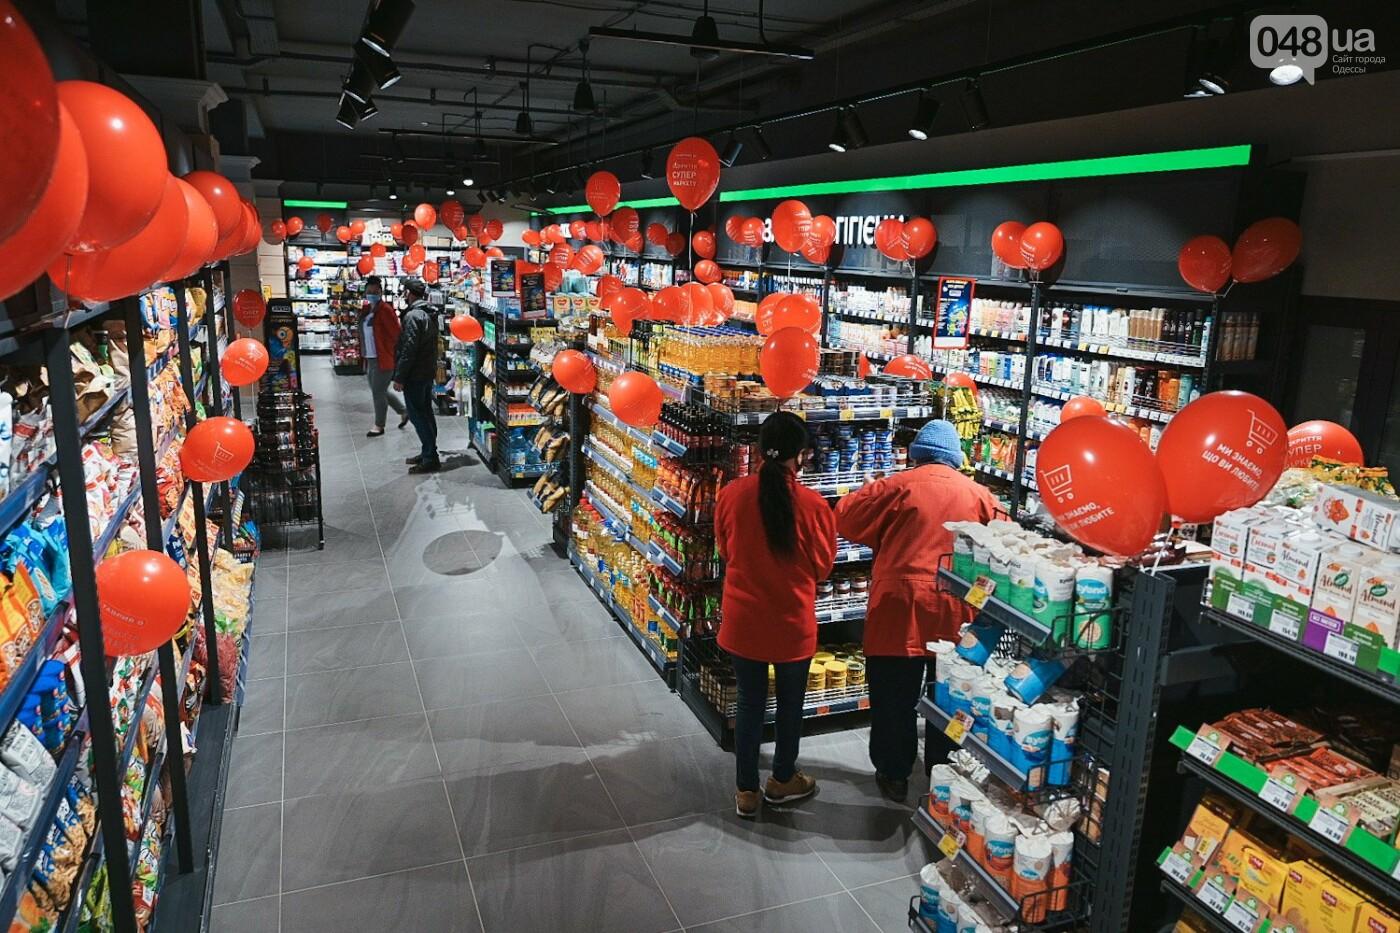 Напередодні великодніх і травневих свят компанія «Таврия В» відкриває одночасно два магазина в Одесі, фото-8